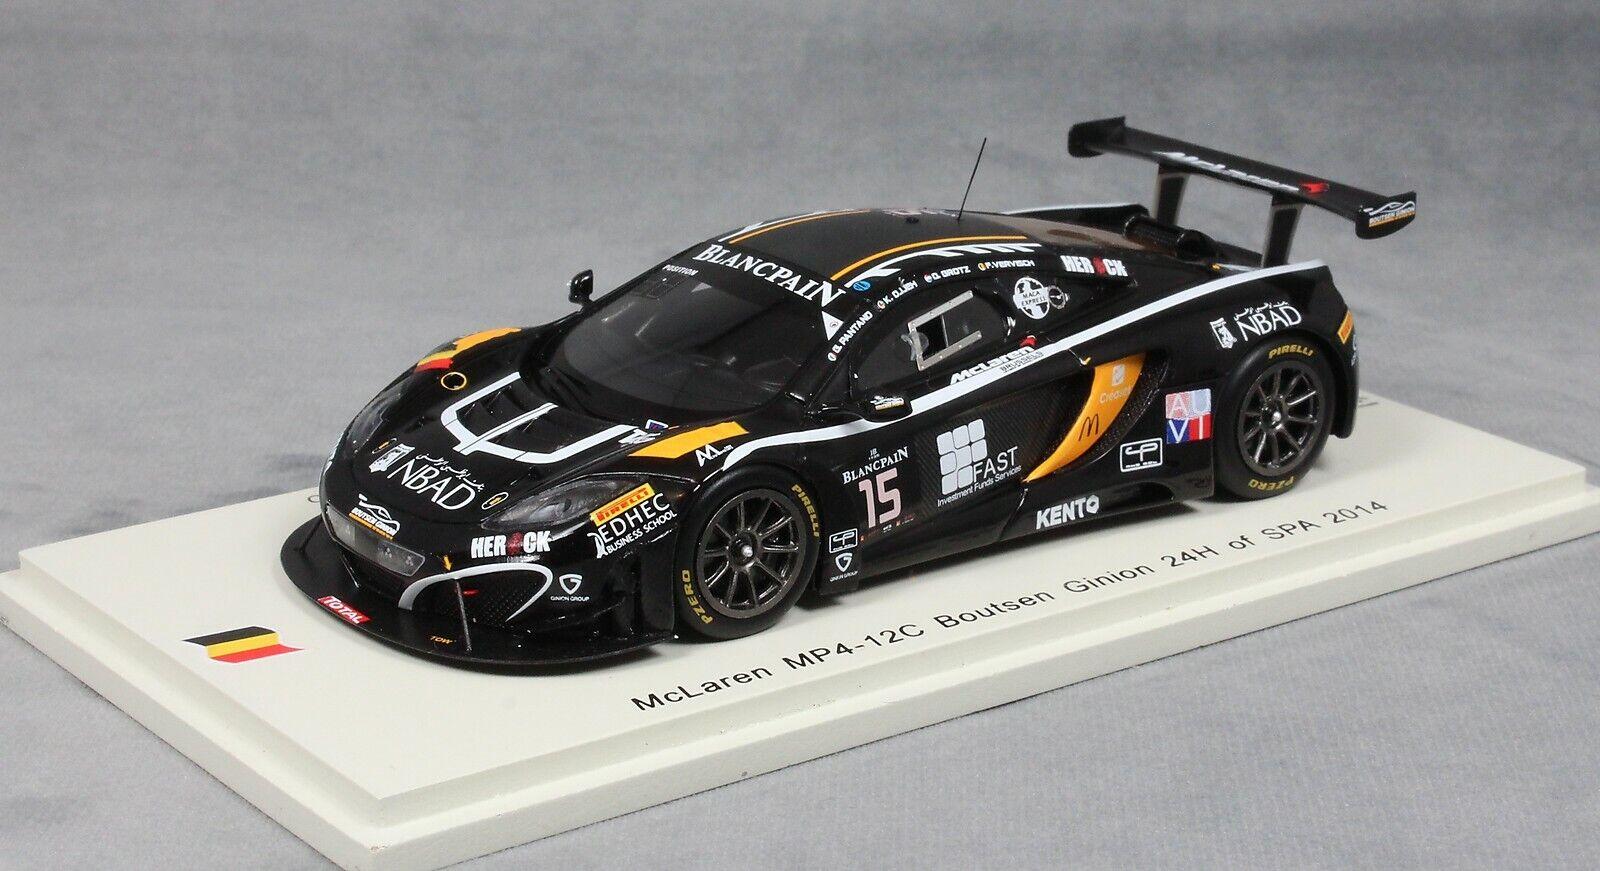 Spark McLaren MP4-12C SPA 24 Hour 2014 ojjeh, vervisch, Grossoz & Pantano SB100